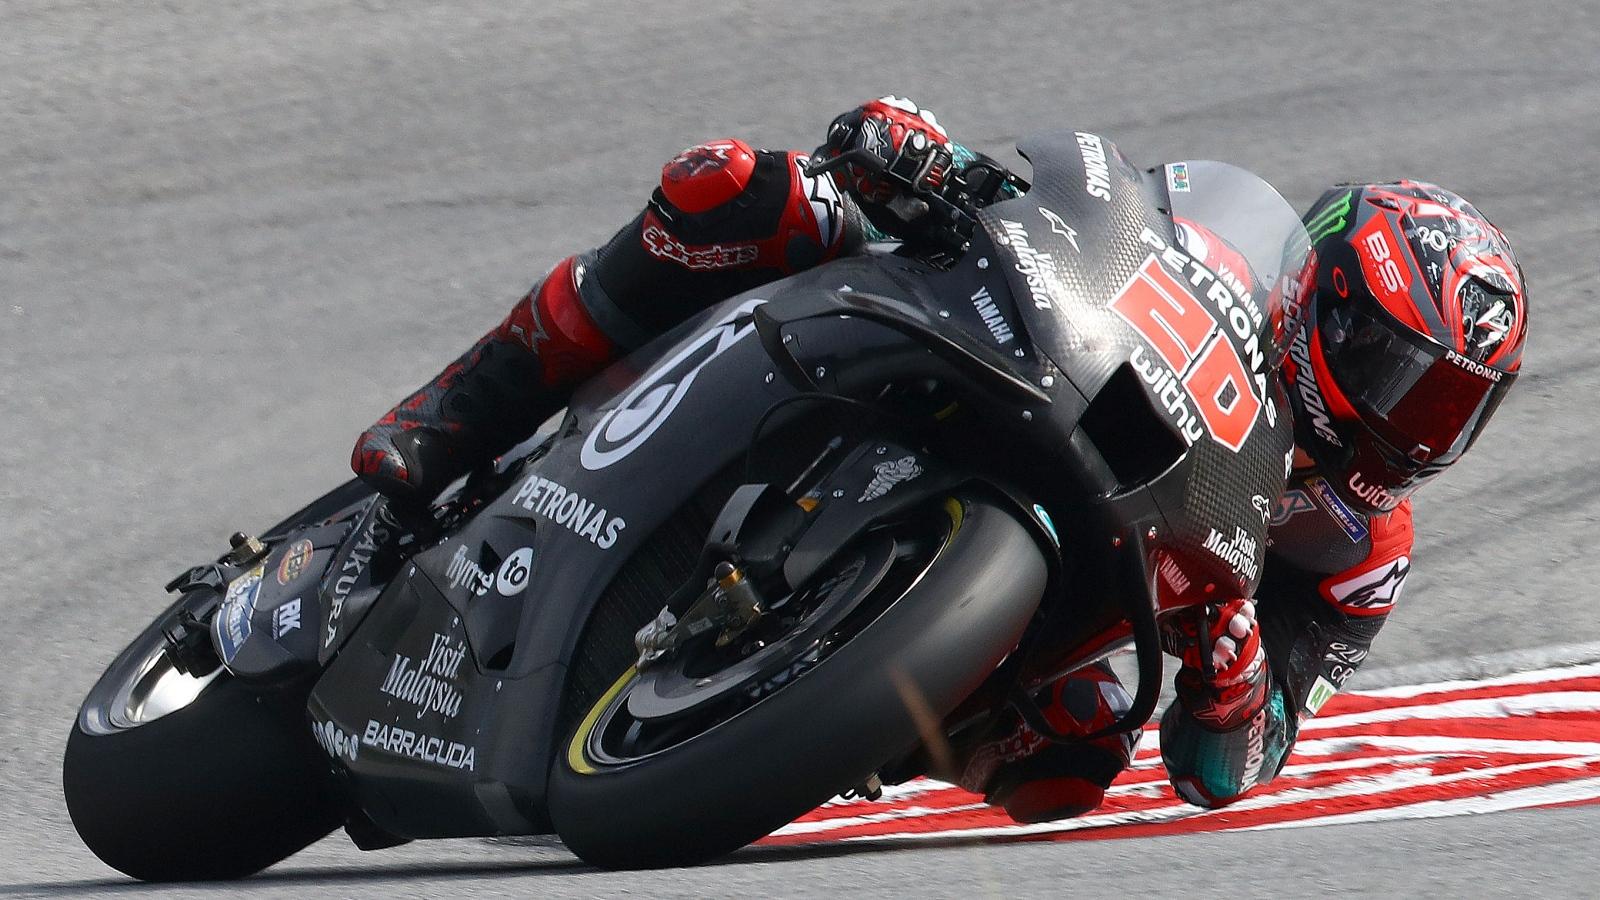 MotoGP 2020: Yamaha brilla, Ducati y Honda dudan, Suzuki vuela, KTM se dispara y Aprilia sonríe